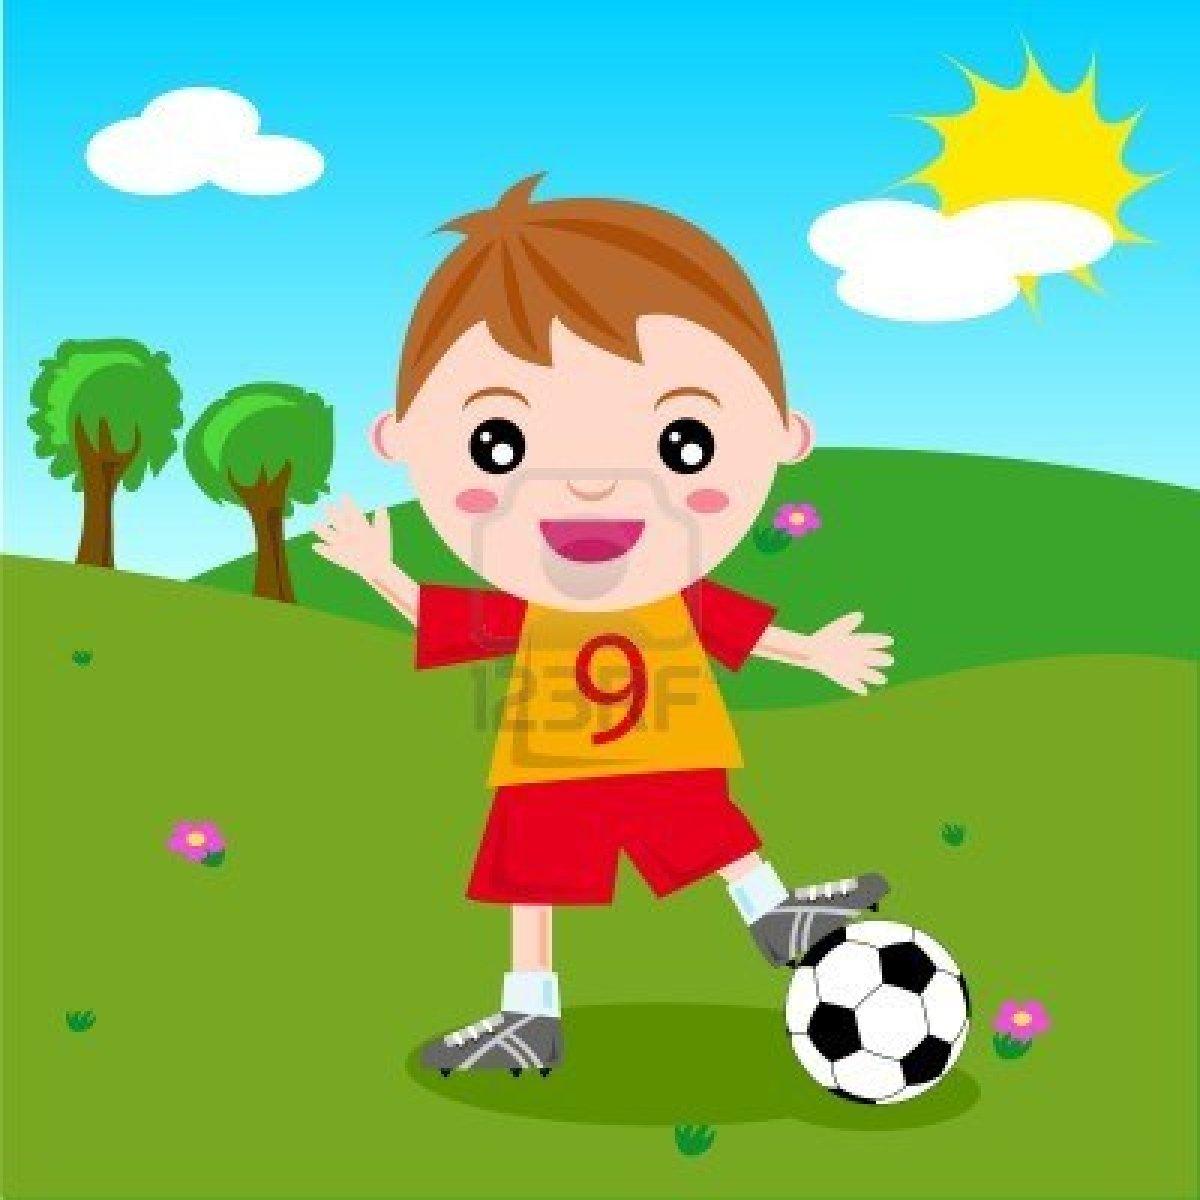 Рисунок играющего мальчика